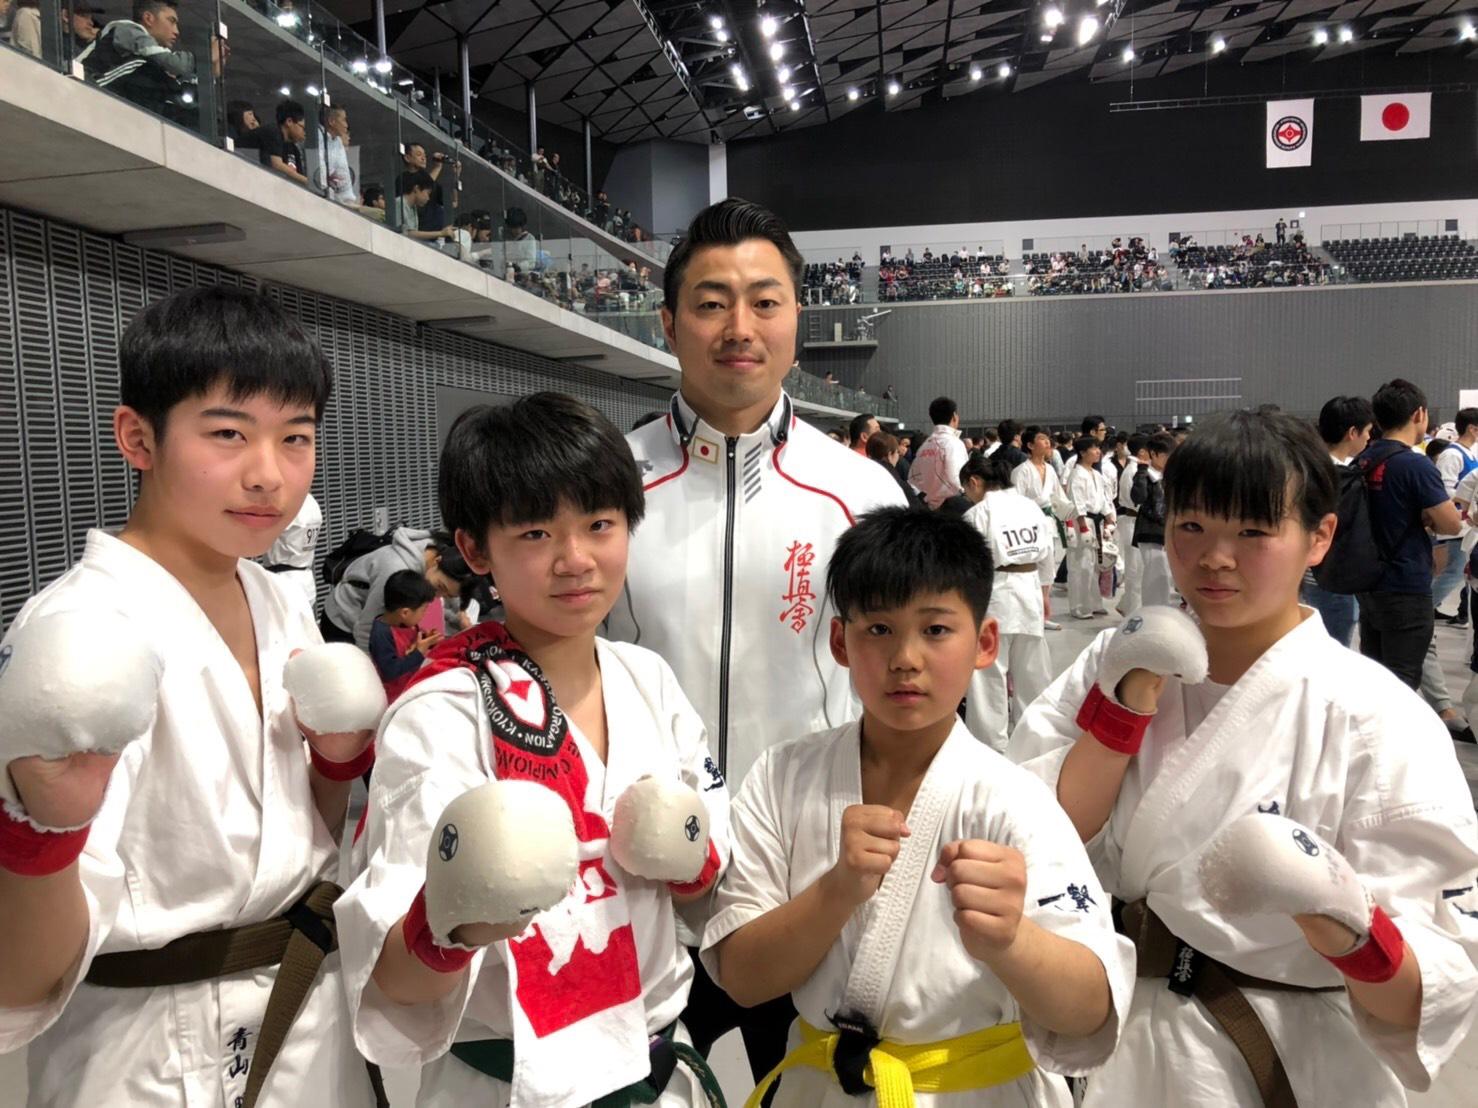 中学生と鎌田選手